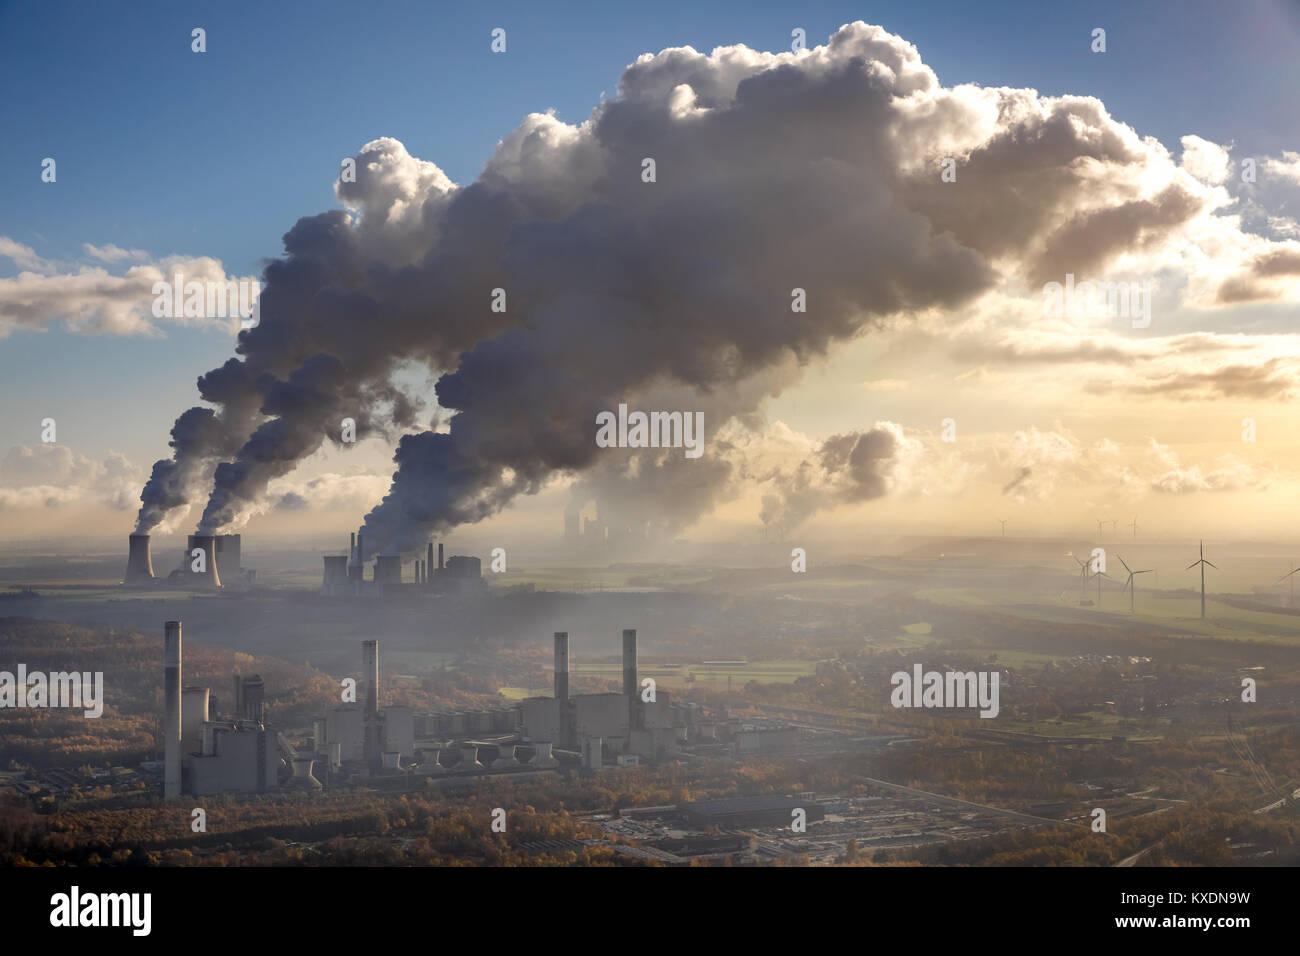 Lignite-fired power plant, Frimmersdorf lignite-fired power plant, RWE Power AG Neurath power plant, BoA 2&3, - Stock Image